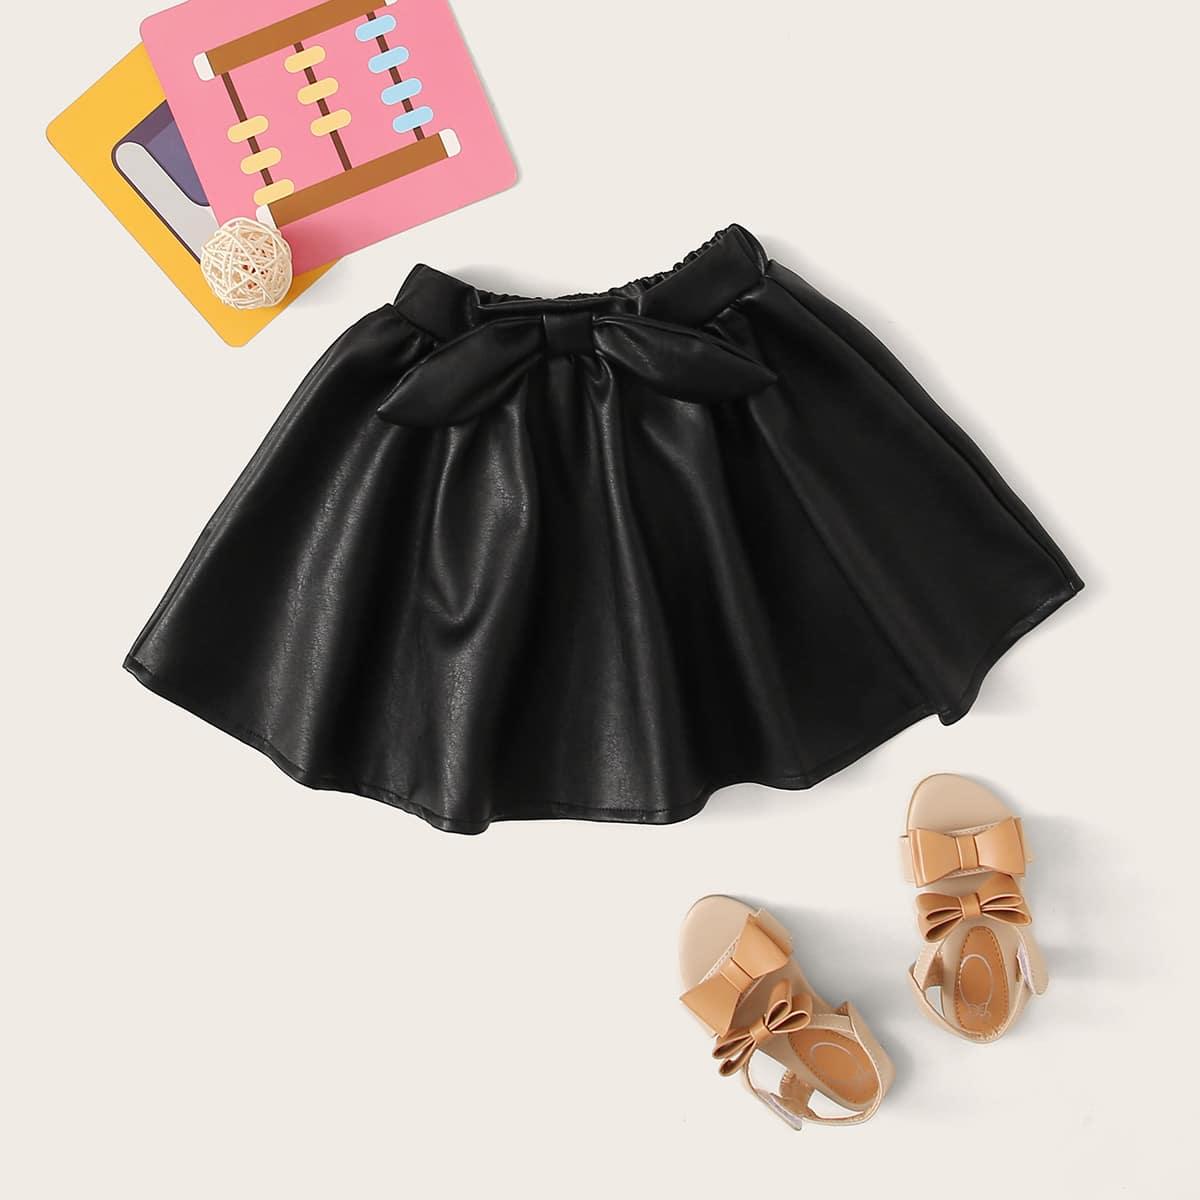 Расклешенная юбка из искусственной кожи с бантом для девочек от SHEIN